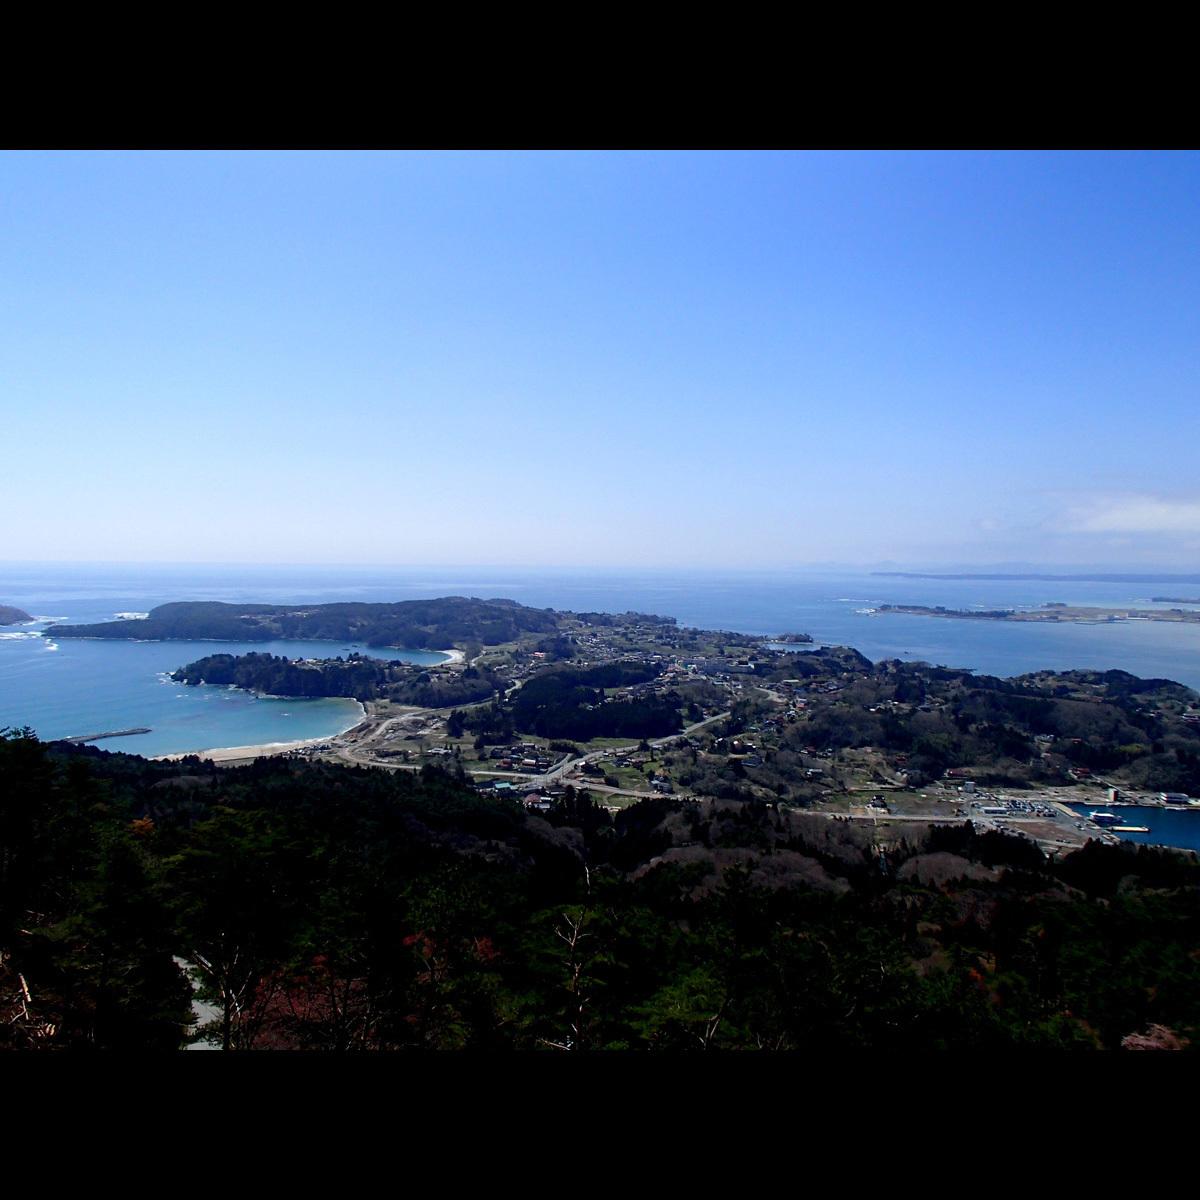 島の宿 気仙沼大島 旅館 明海荘 関連画像 3枚目 楽天トラベル提供